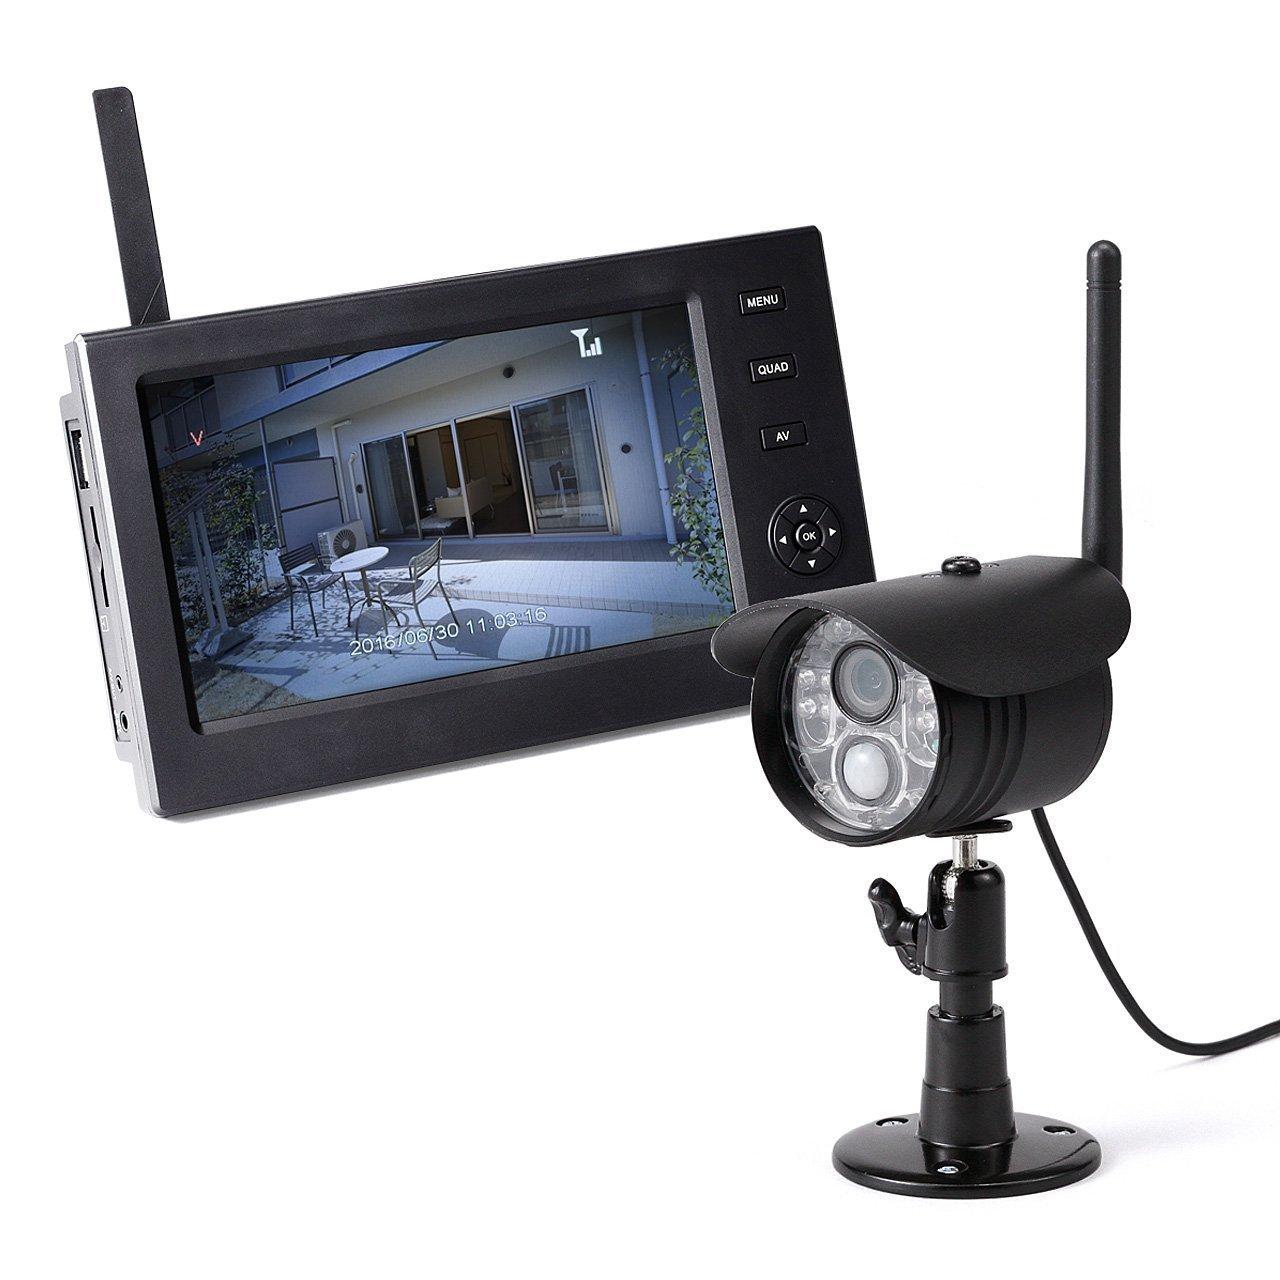 サンワダイレクト 防犯カメラ ワイヤレスモニター付きセット 防水屋外カメラ1台 + ワイヤレスモニター 録画対応 SD/USBメモリー 対応 400-CAM055-1 B01H2RSDSO モニター+屋外カメラ1台 モニター+屋外カメラ1台